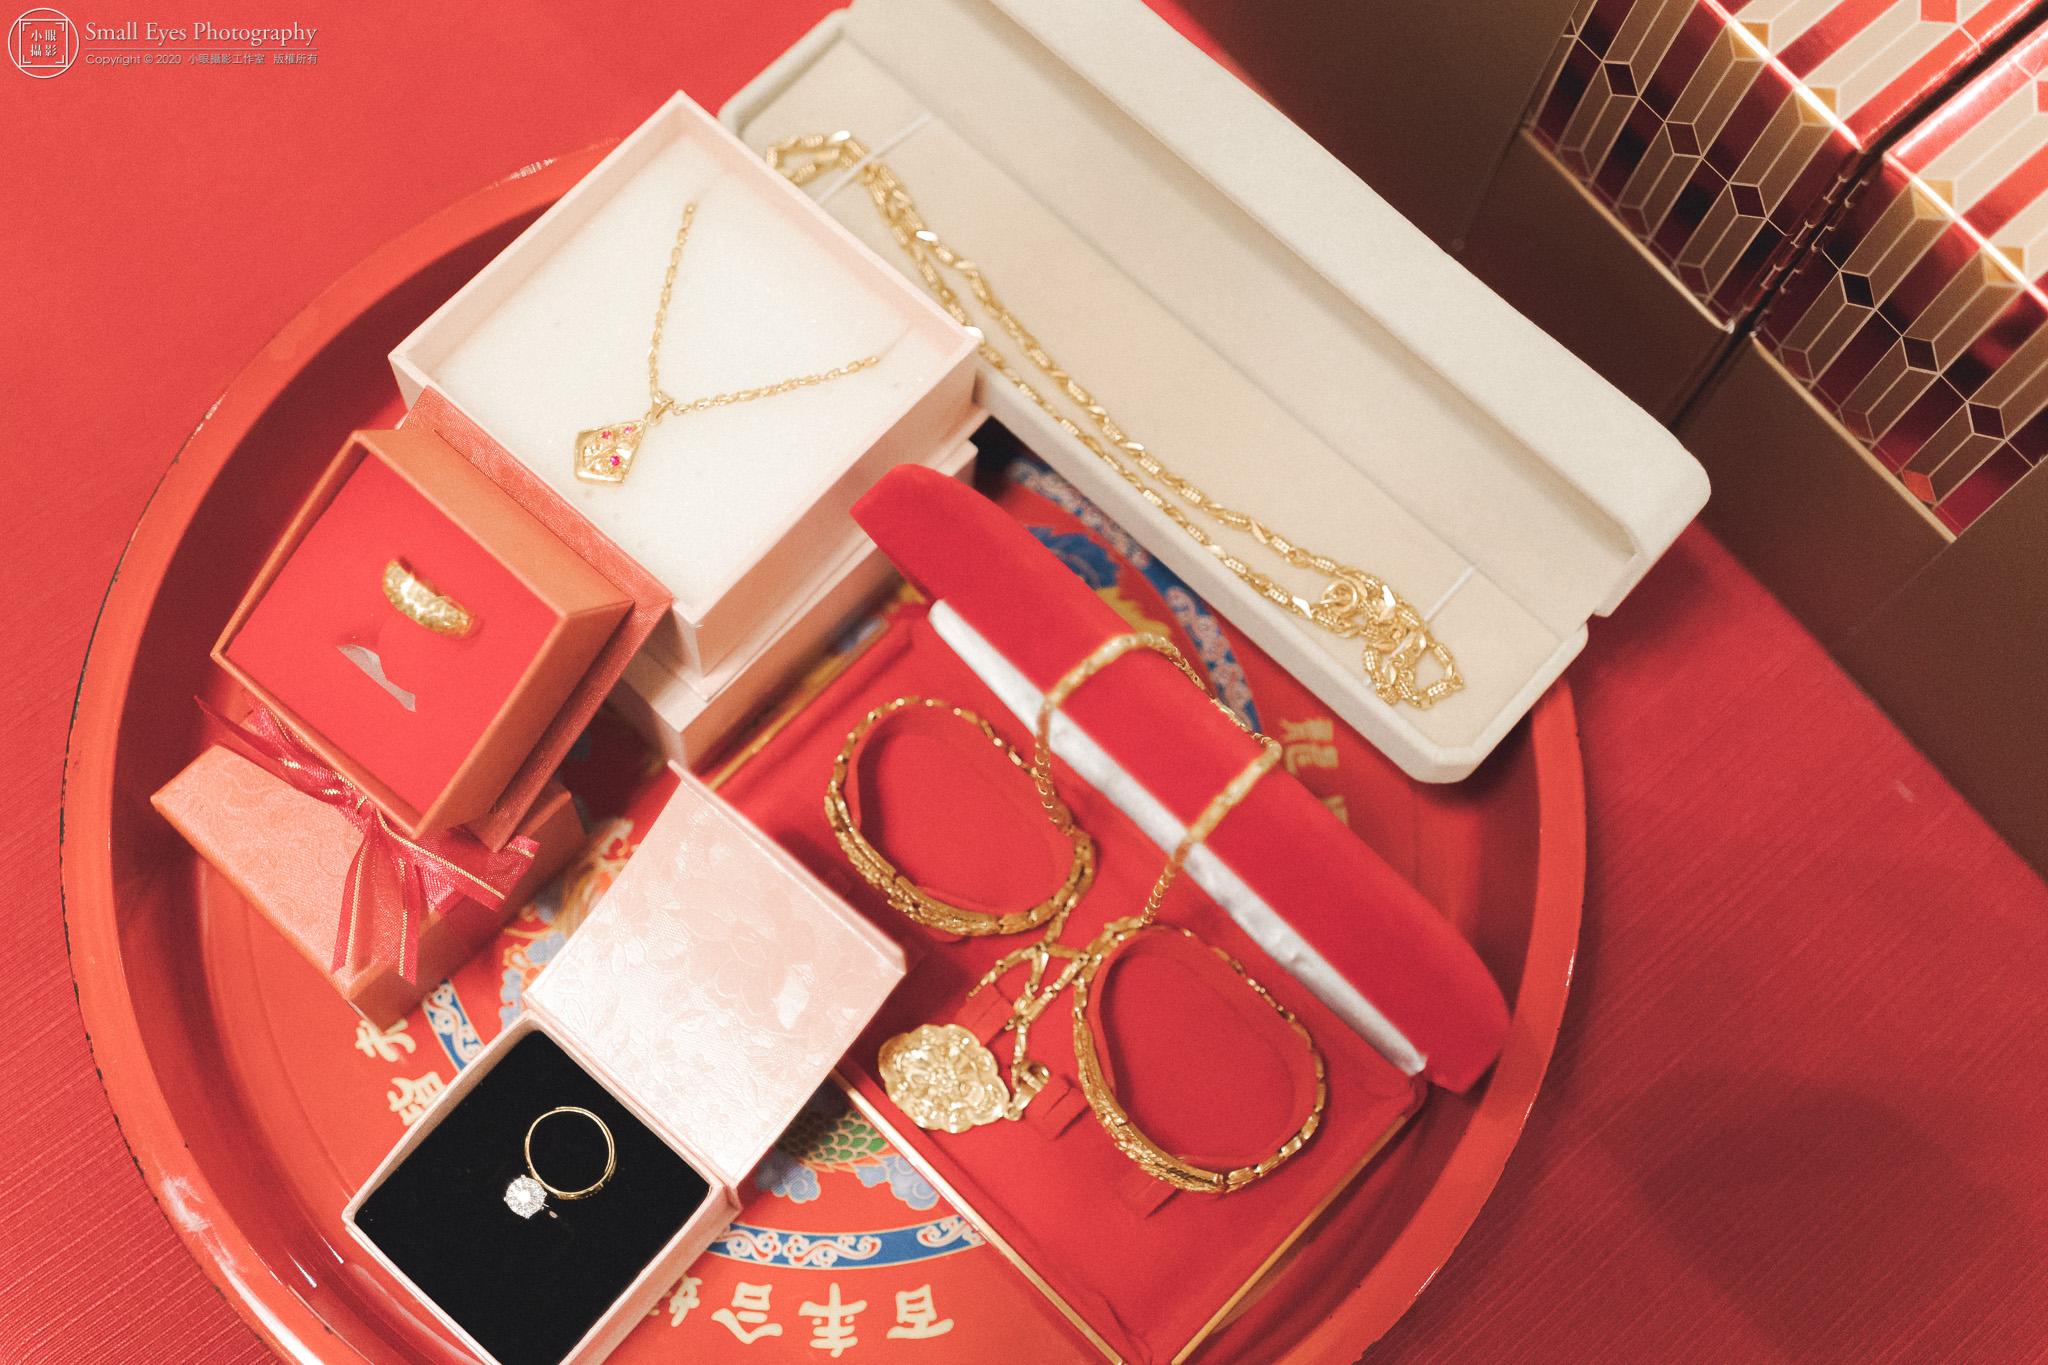 小眼攝影,婚攝,傅祐承,婚禮攝影,婚禮紀實,婚禮紀錄,台北,國賓,大飯店,巴洛克zoe,新娘秘書,飾品